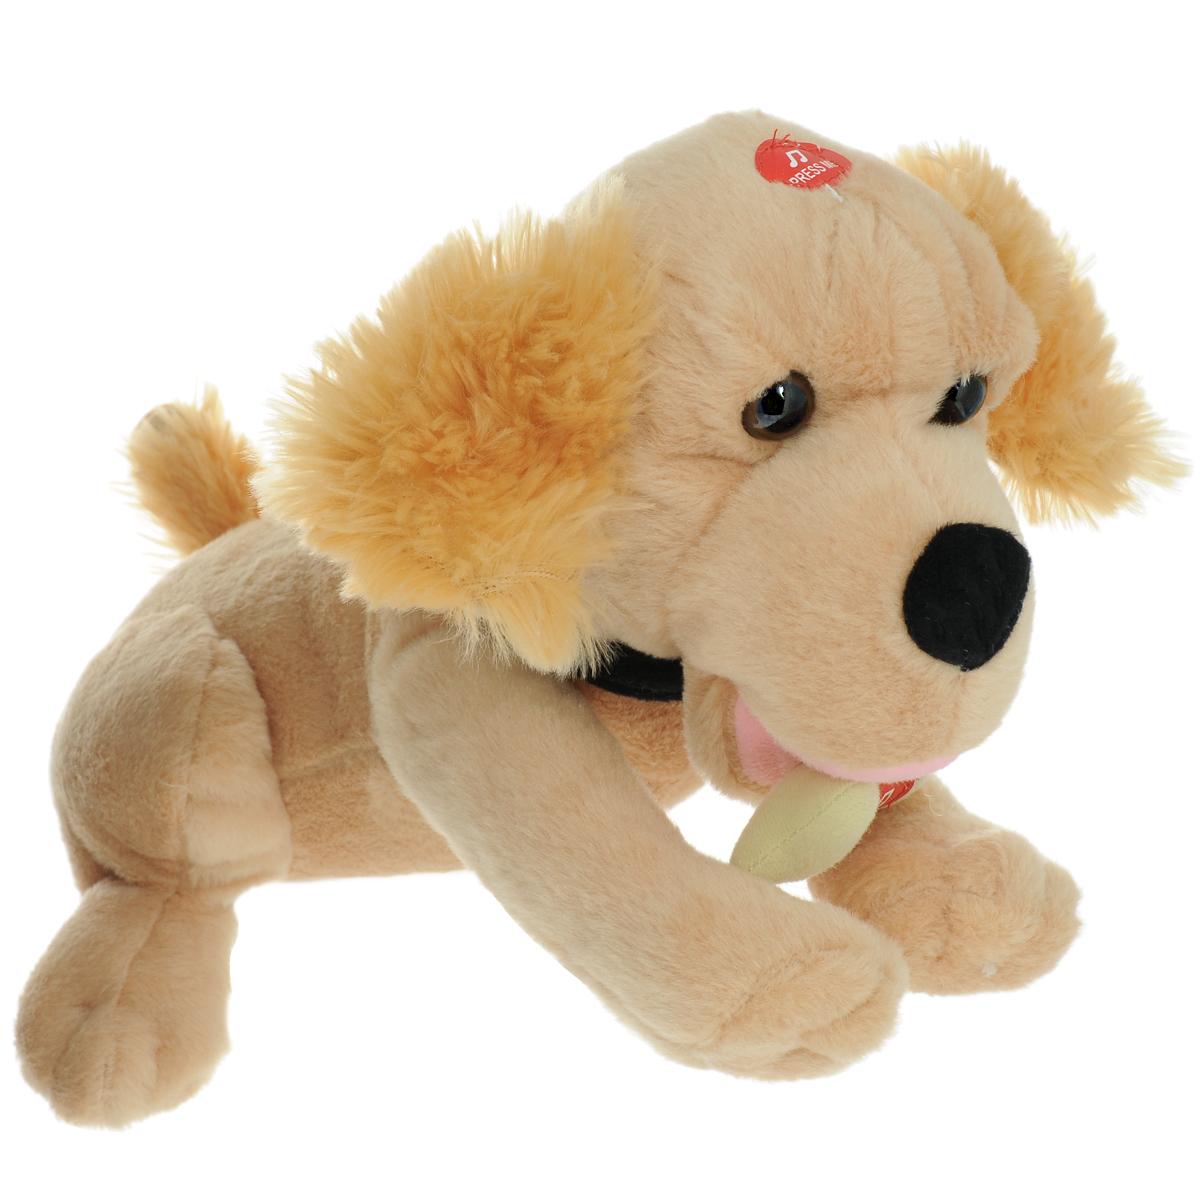 Интерактивная игрушка Fluffy Family Пес Рыжик интерактивная игрушка fluffy family бобер повторяшка от 3 лет 681012 коричневый